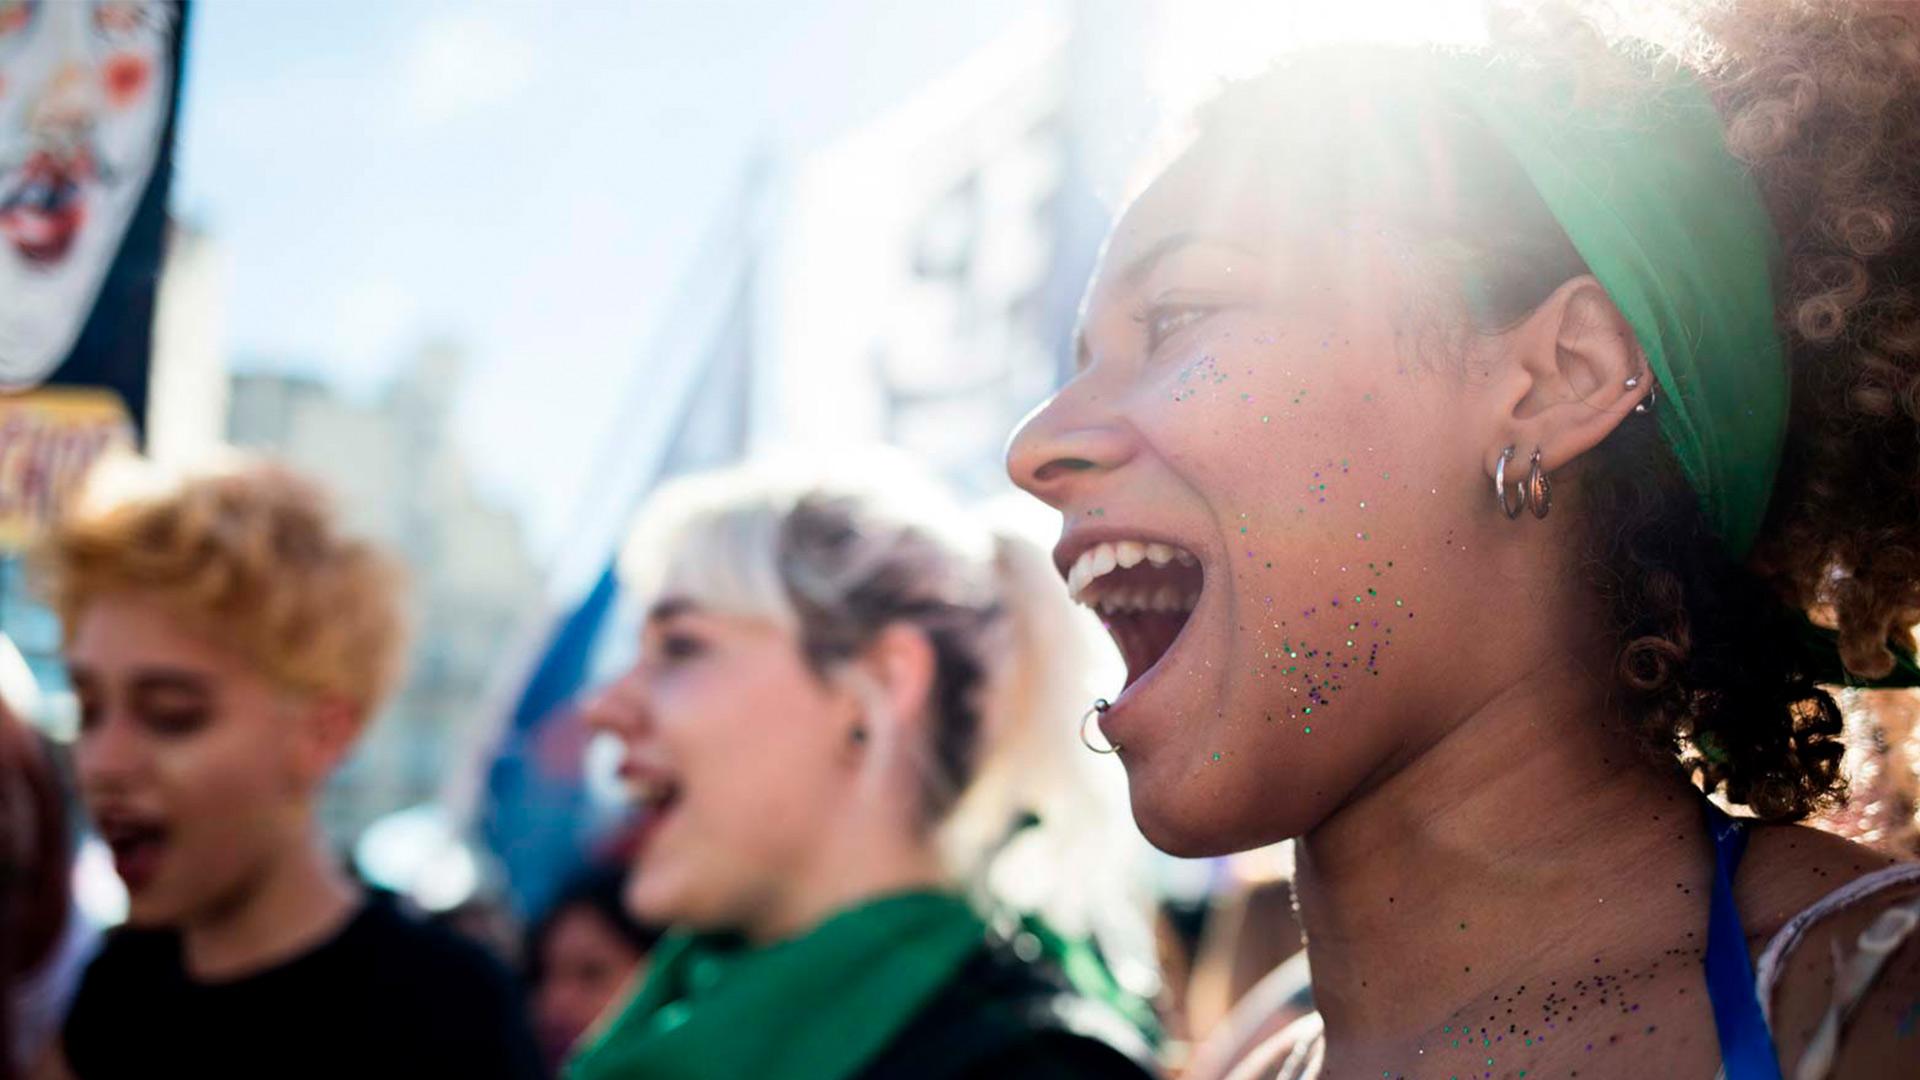 Aborto-racismo-y-xenofóbia_01Port